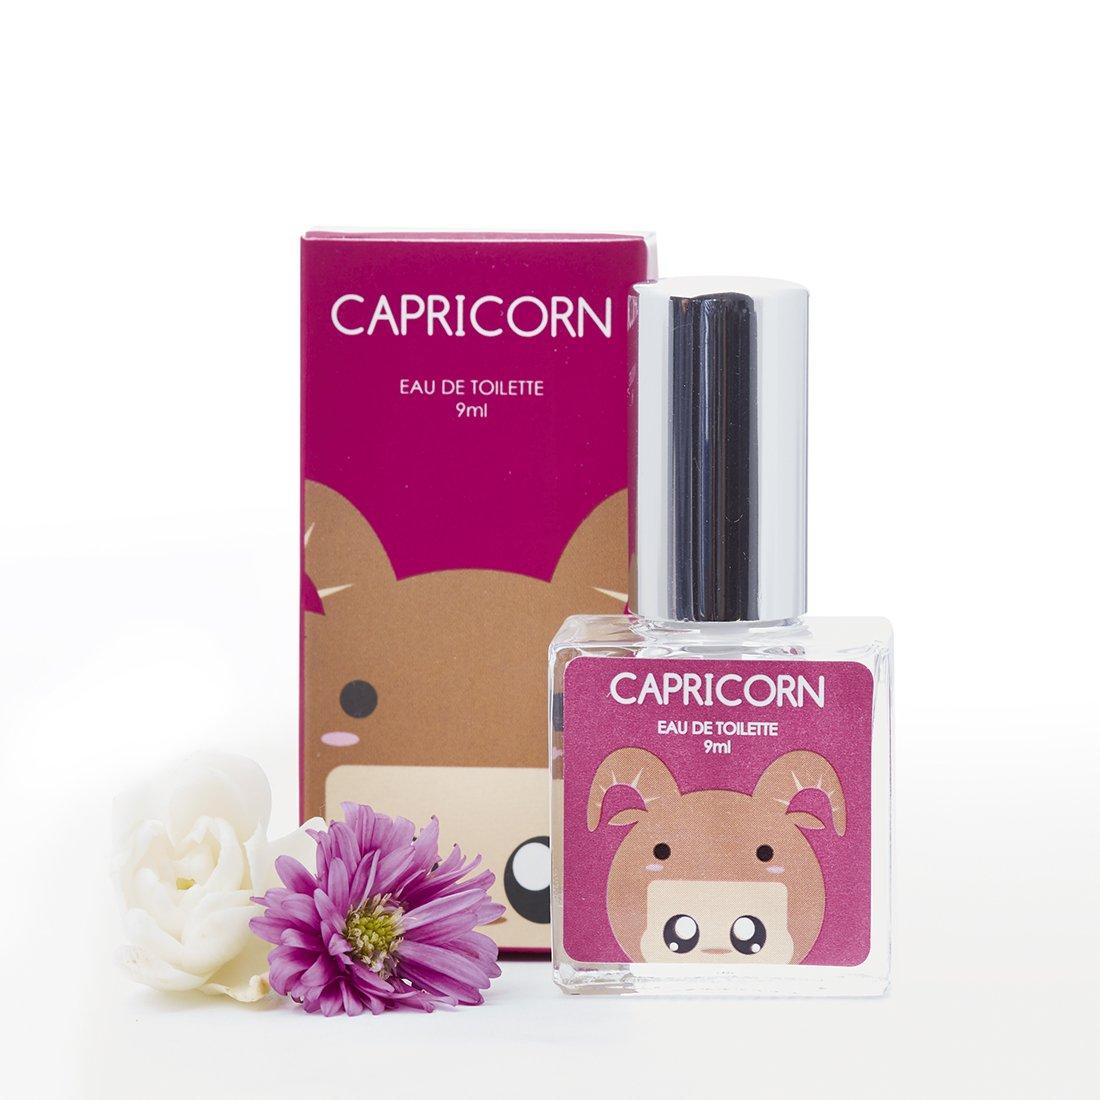 Ini-Dia-Rekomendasi-Parfum-Sesuai-Zodiak-Dari-Brunbrun-capricon